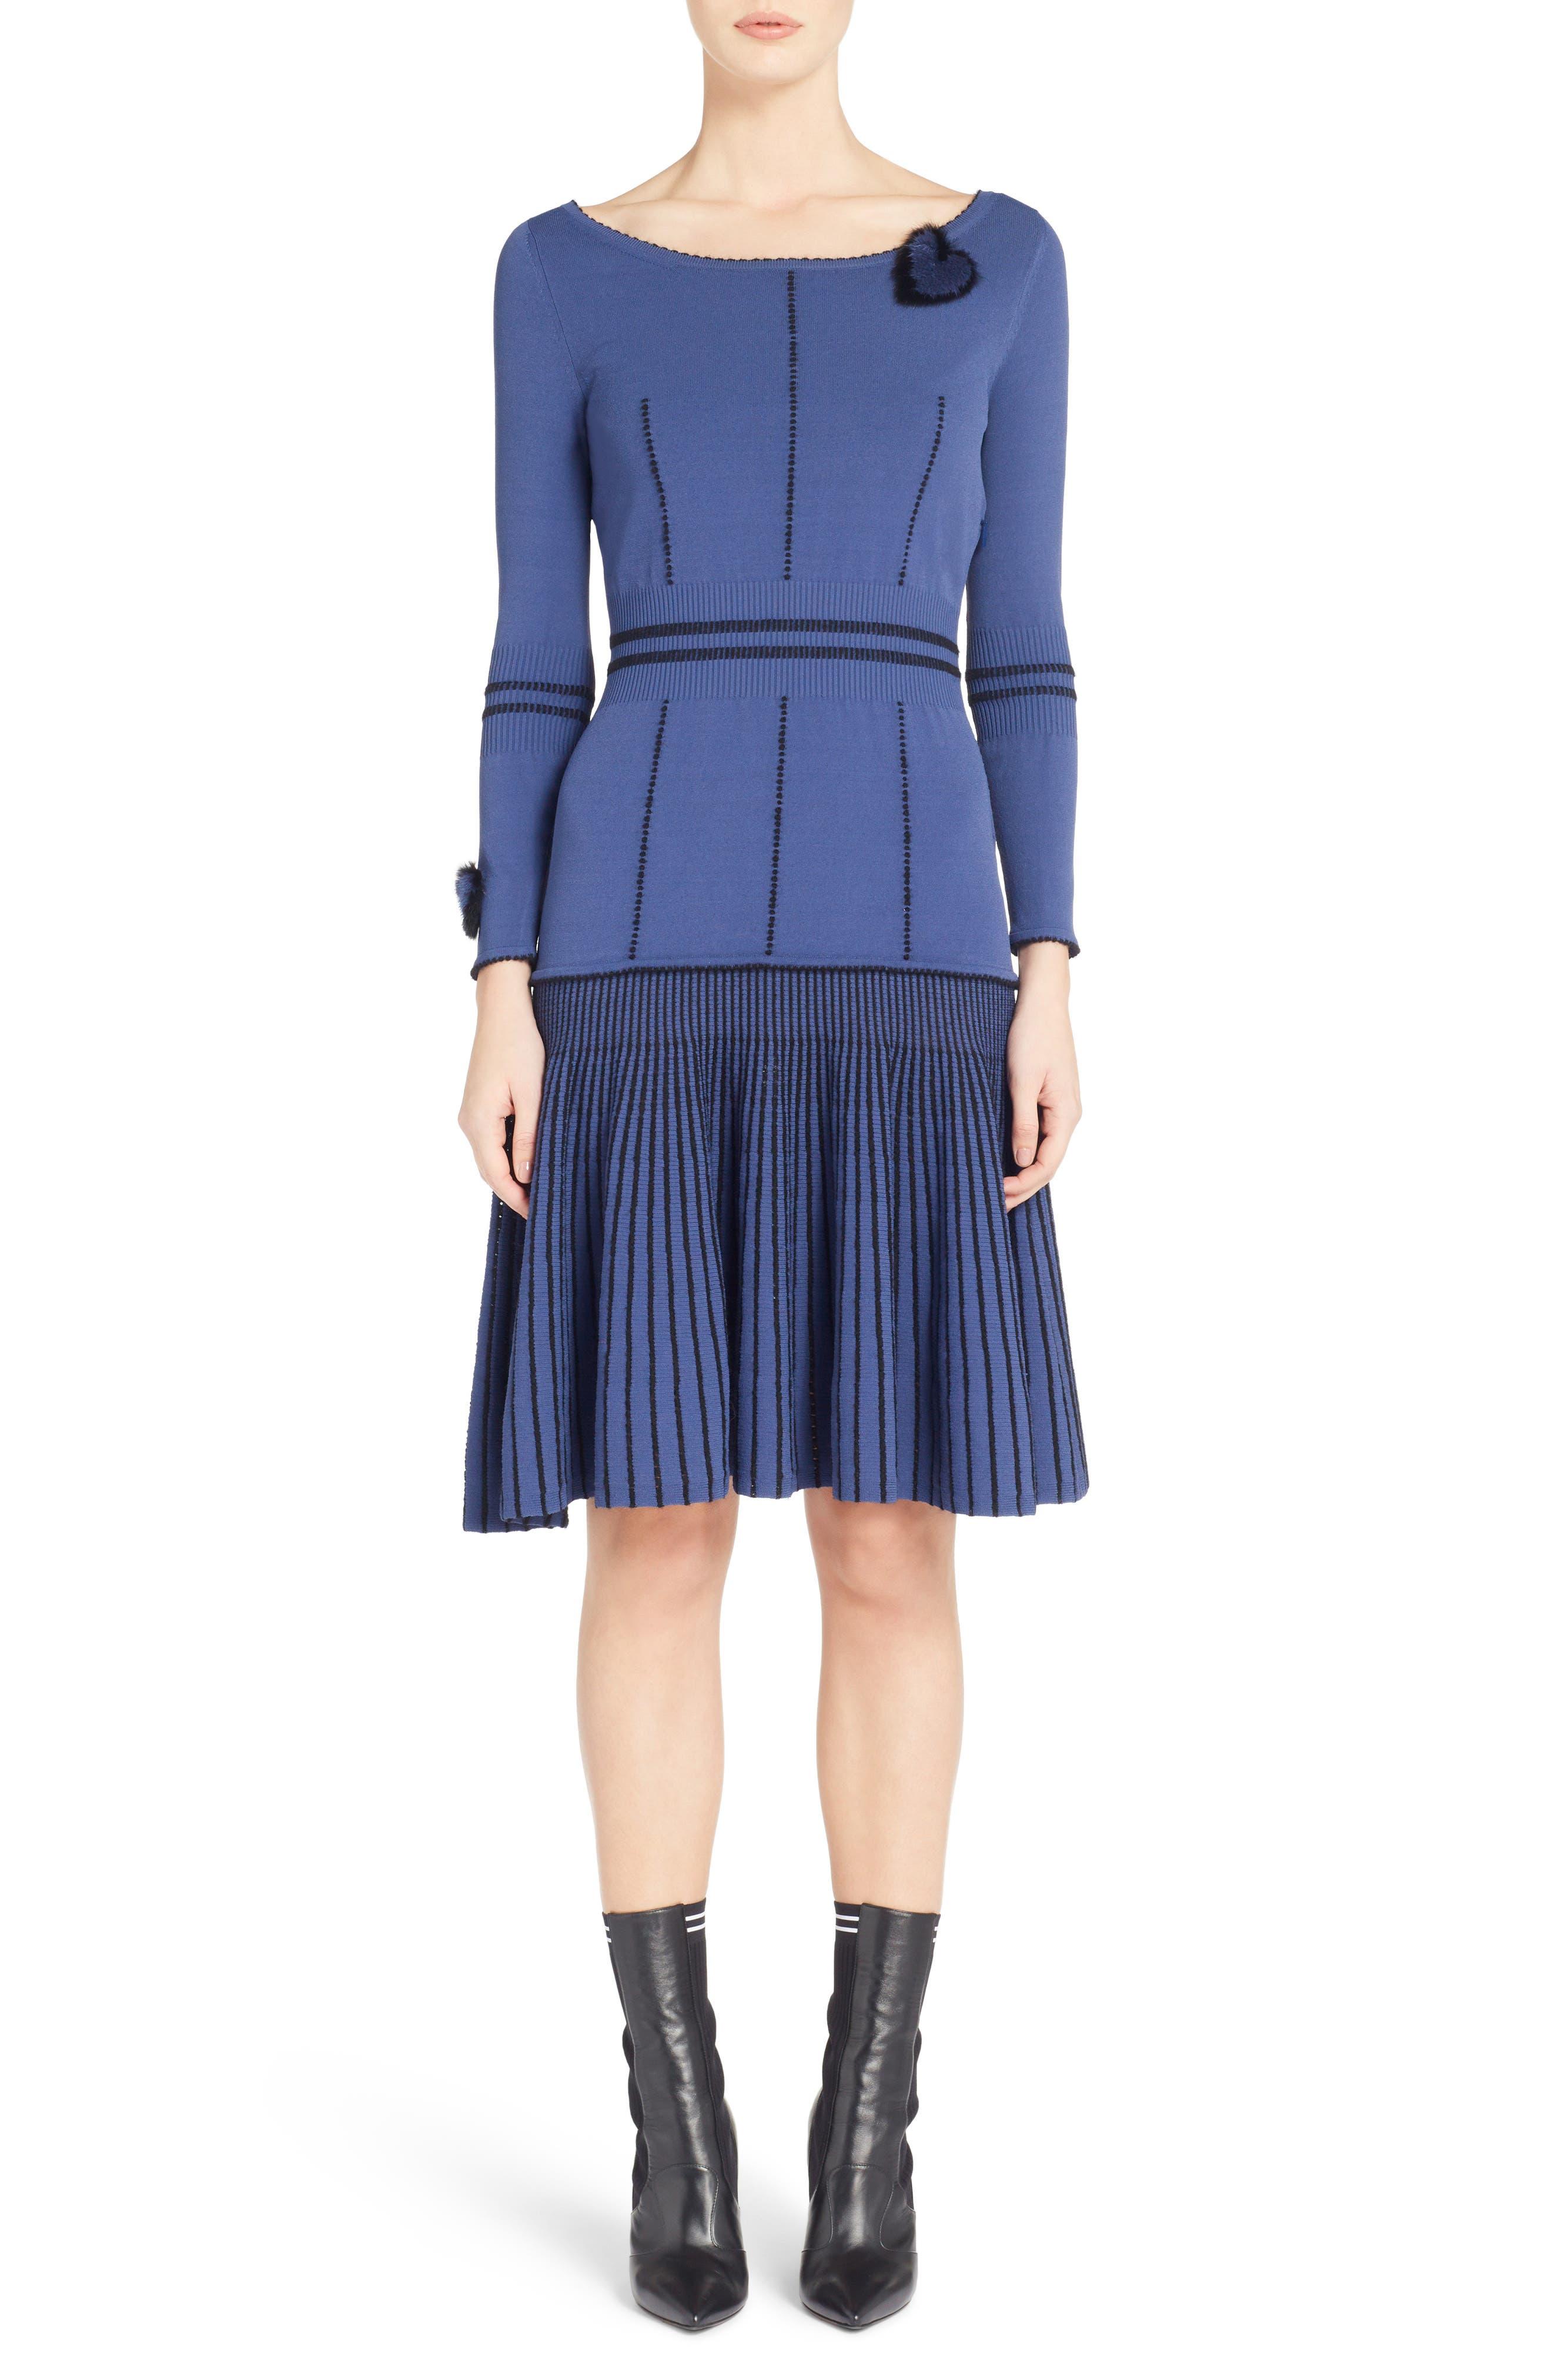 Fendi Knit Drop Waist Dress With Genuine Mink Fur Trim, 8 IT - Blue